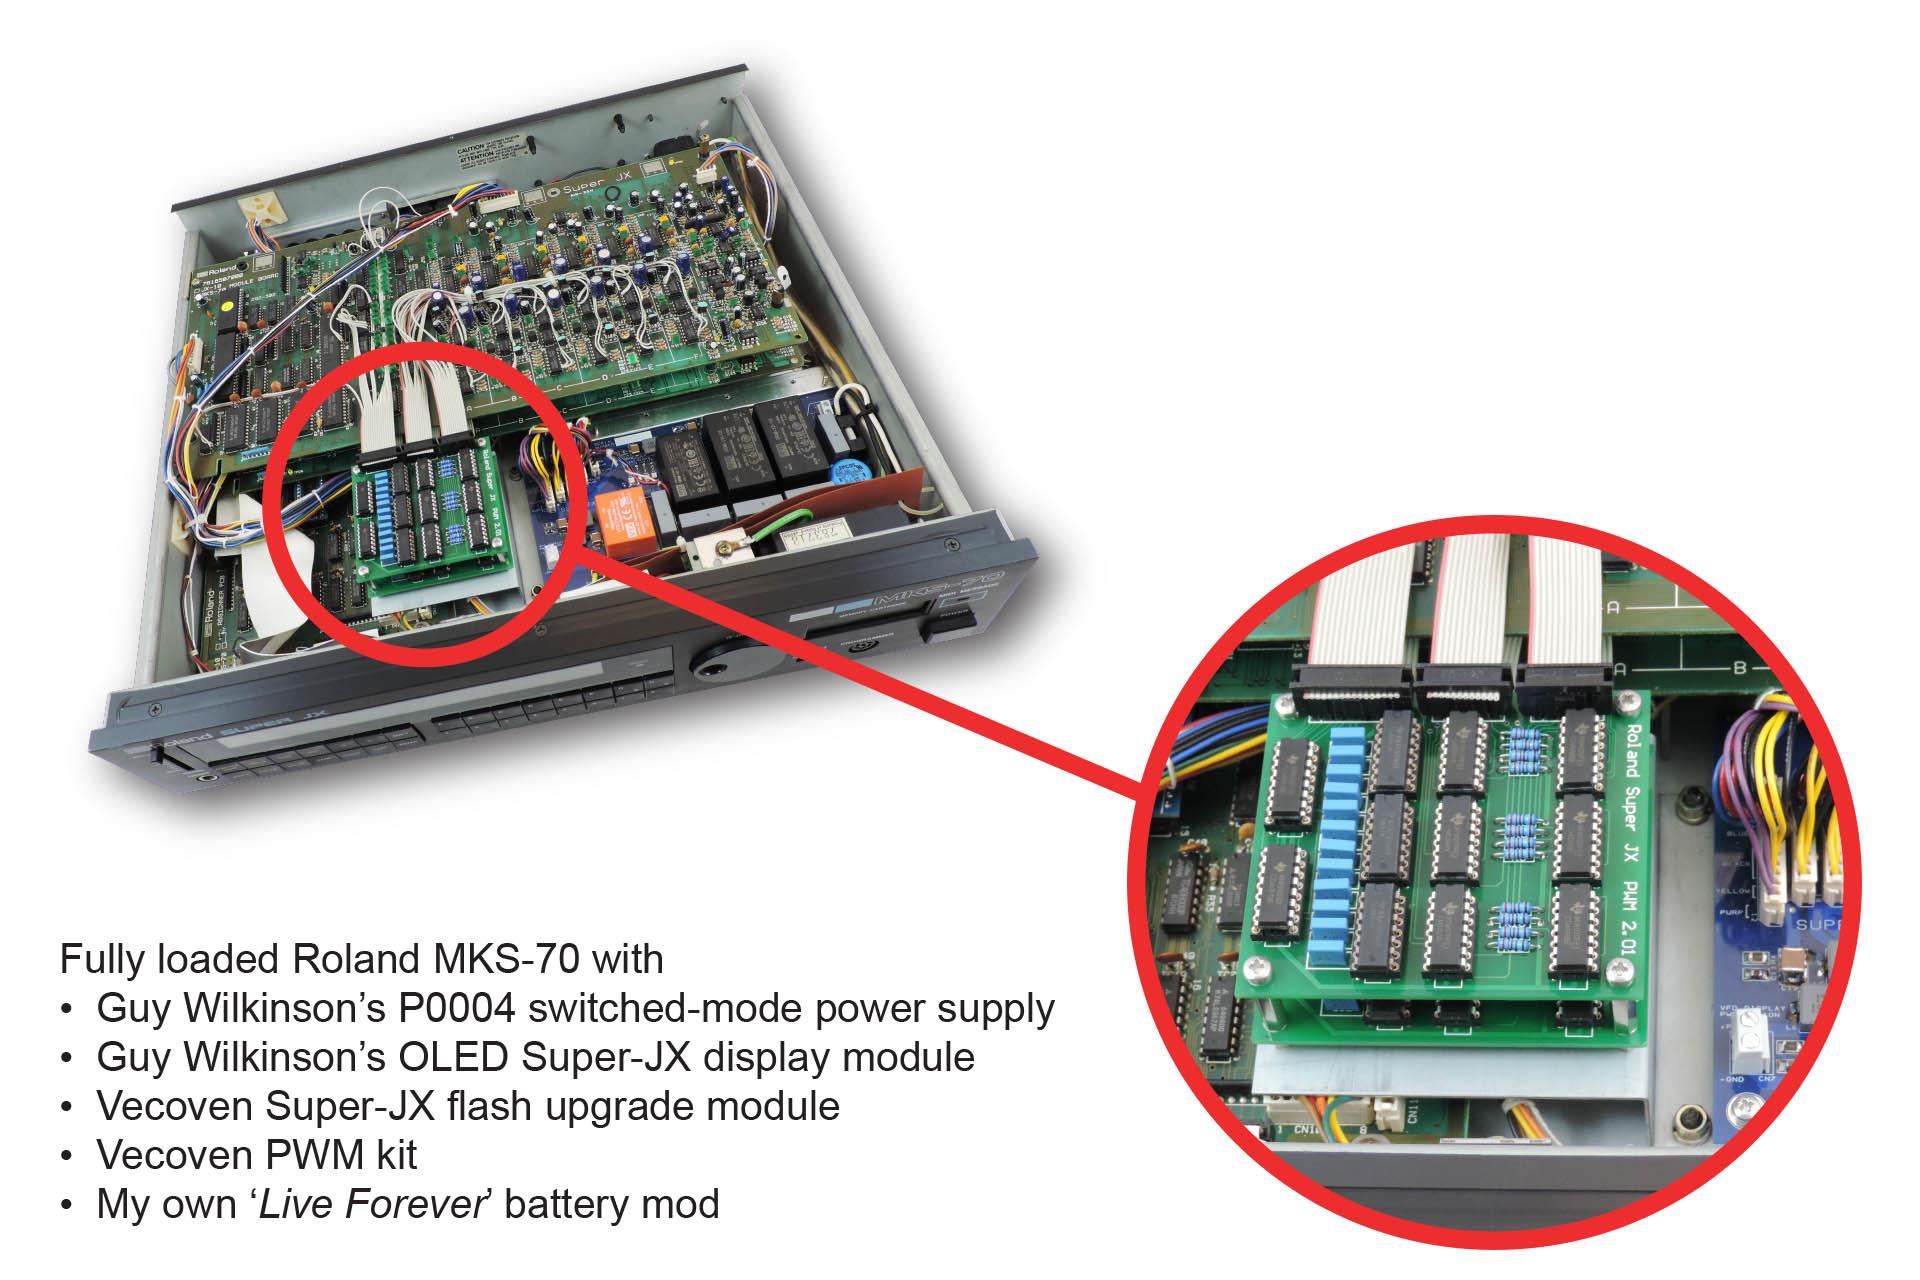 Custom mounting bracket for Vecoven PWM mod for MKS-70 installed